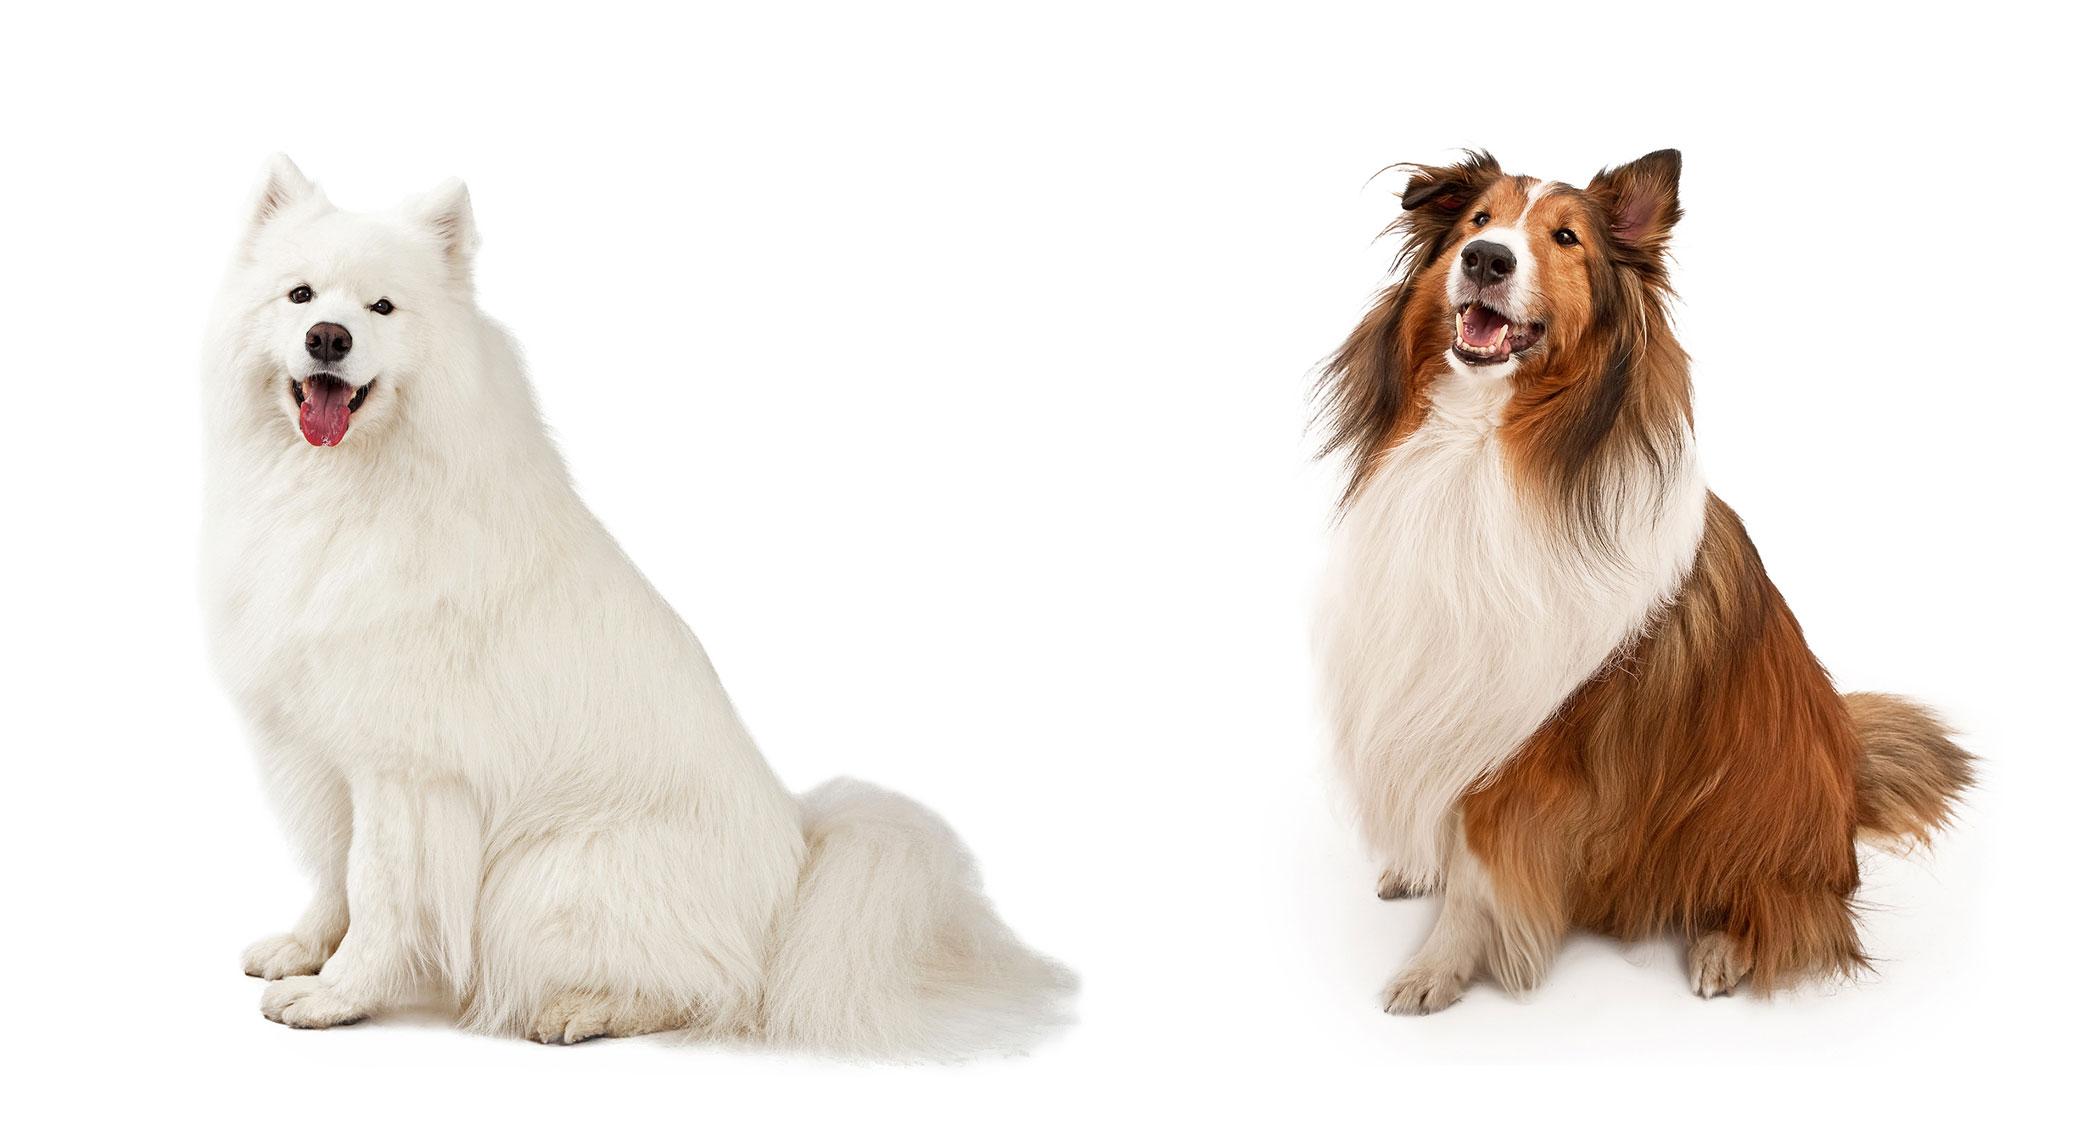 tolettatura-roseto-lavaggio-cani-2